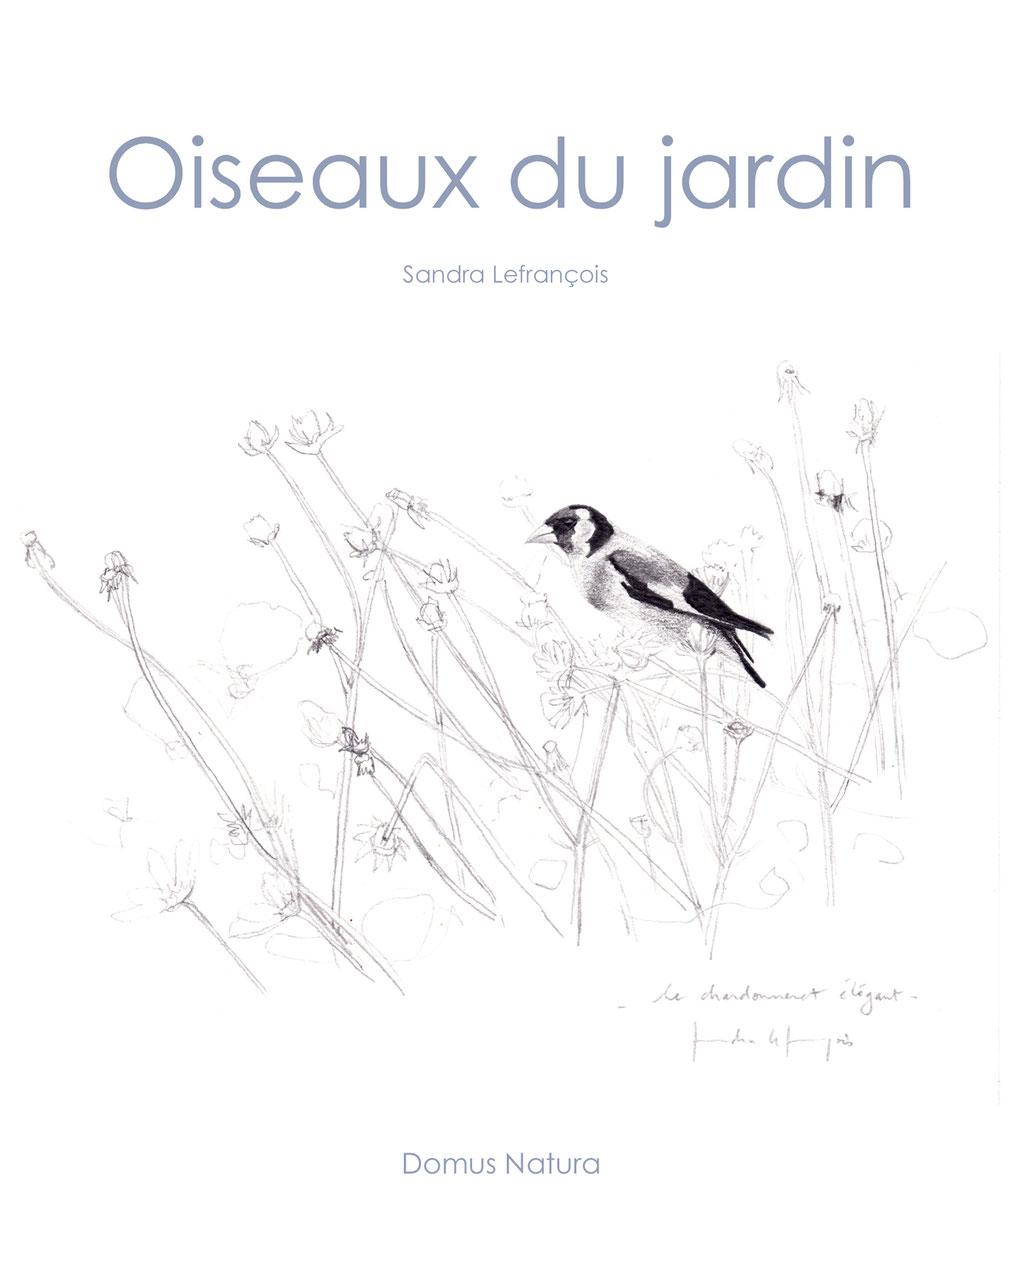 Livres domus natura for Oiseaux du jardin